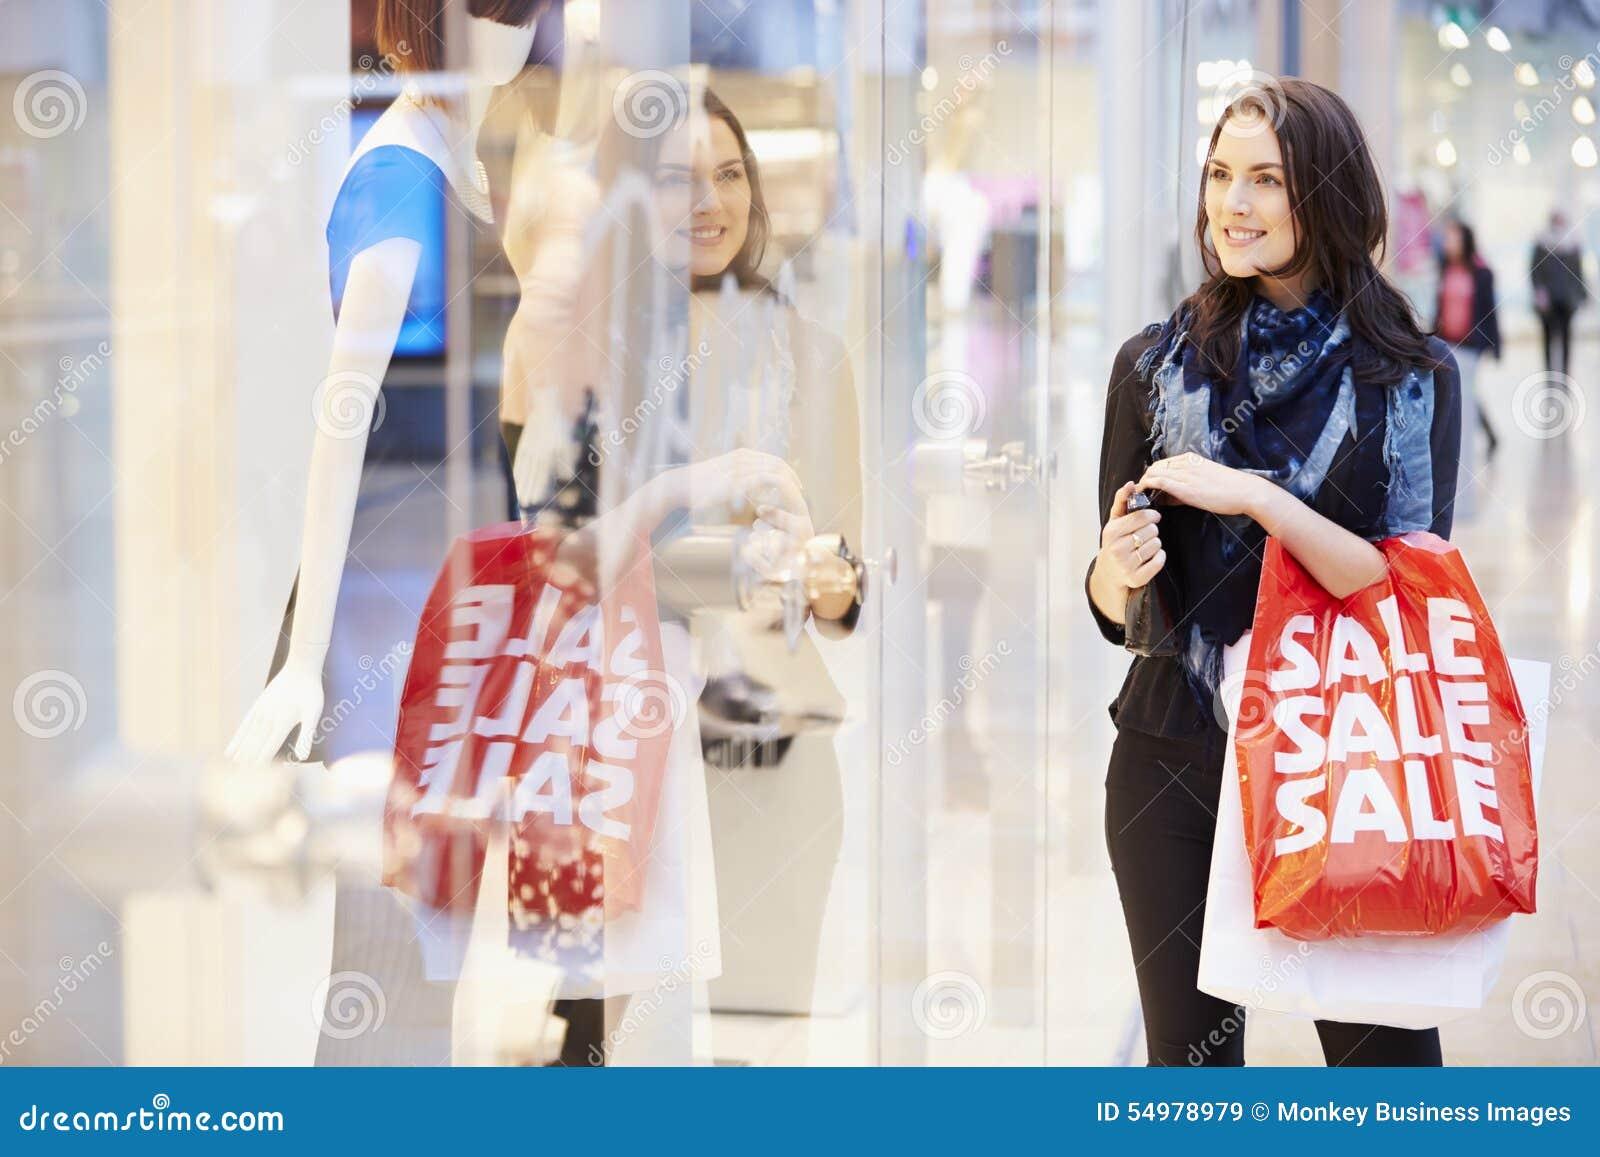 Kvinnlig shoppare med Sale påsar i shoppinggalleria